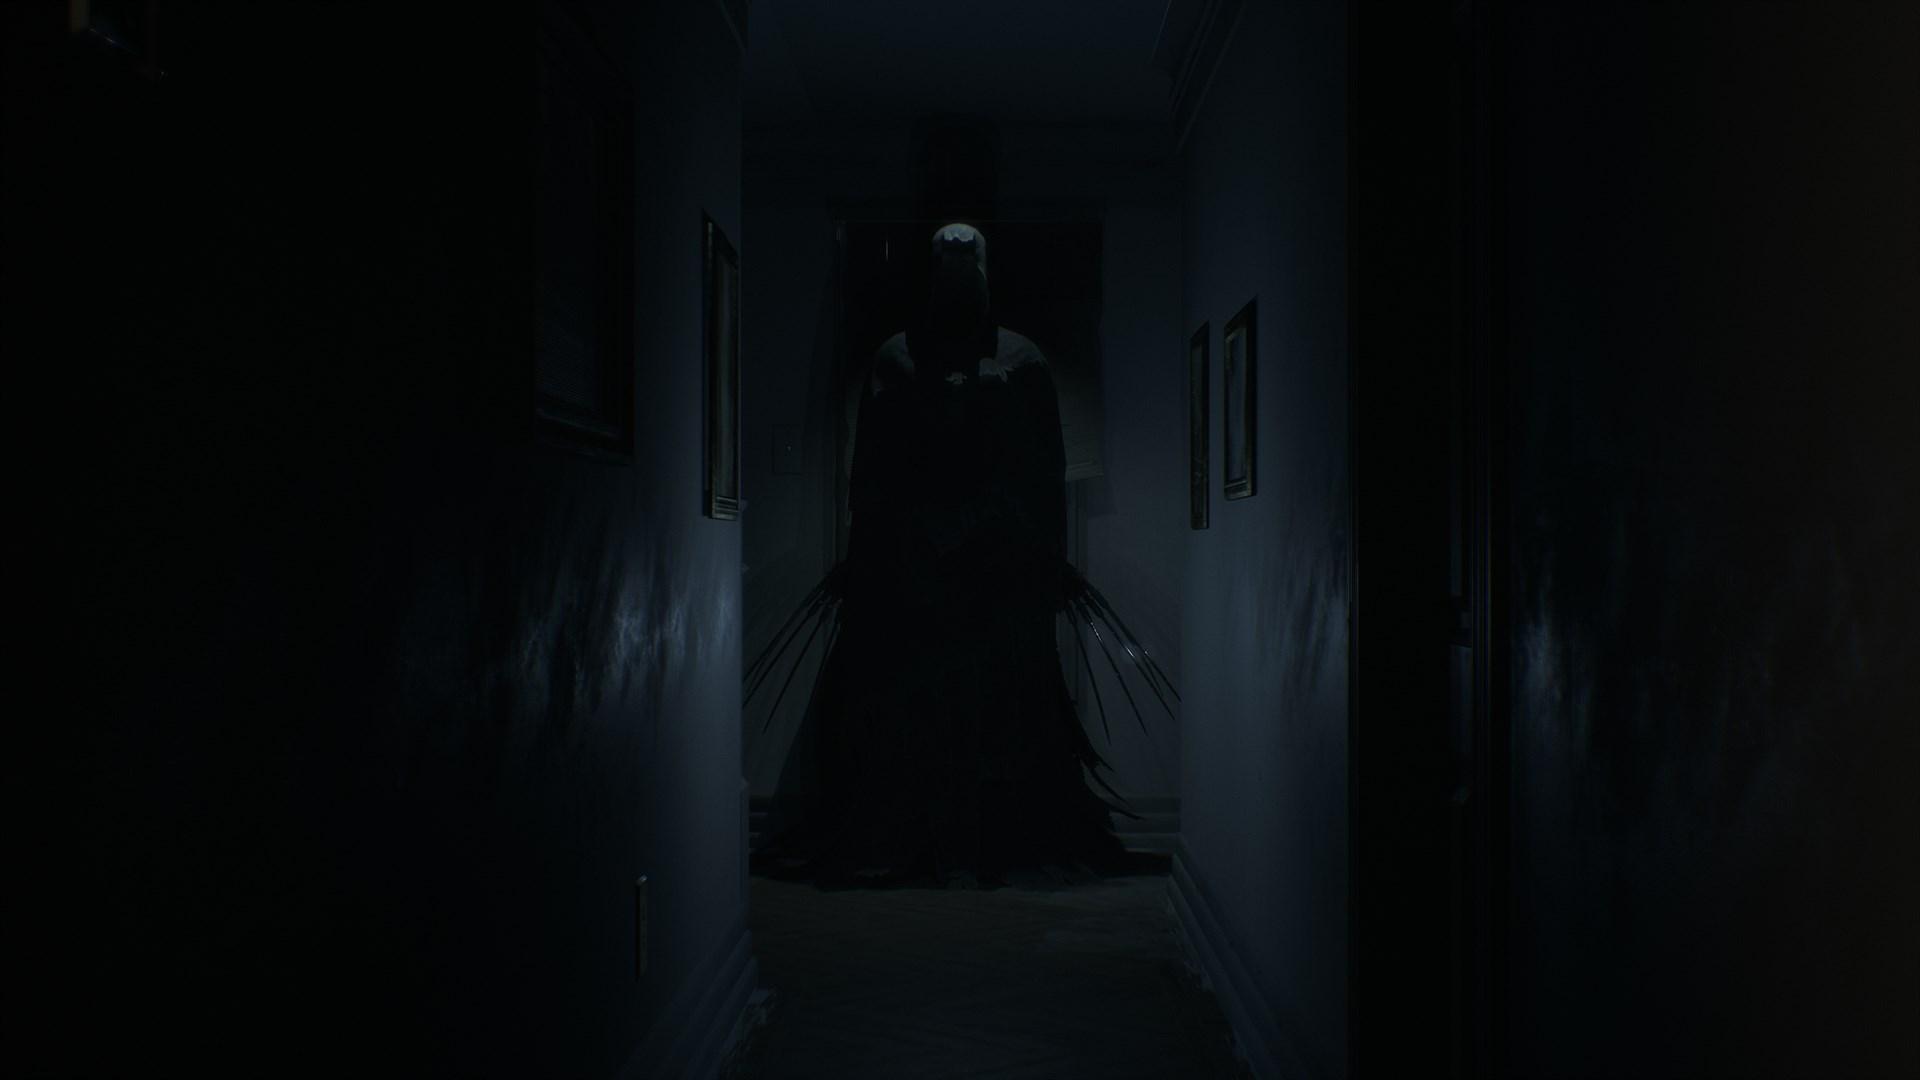 Visage confirma su fecha de lanzamiento para Halloween 2